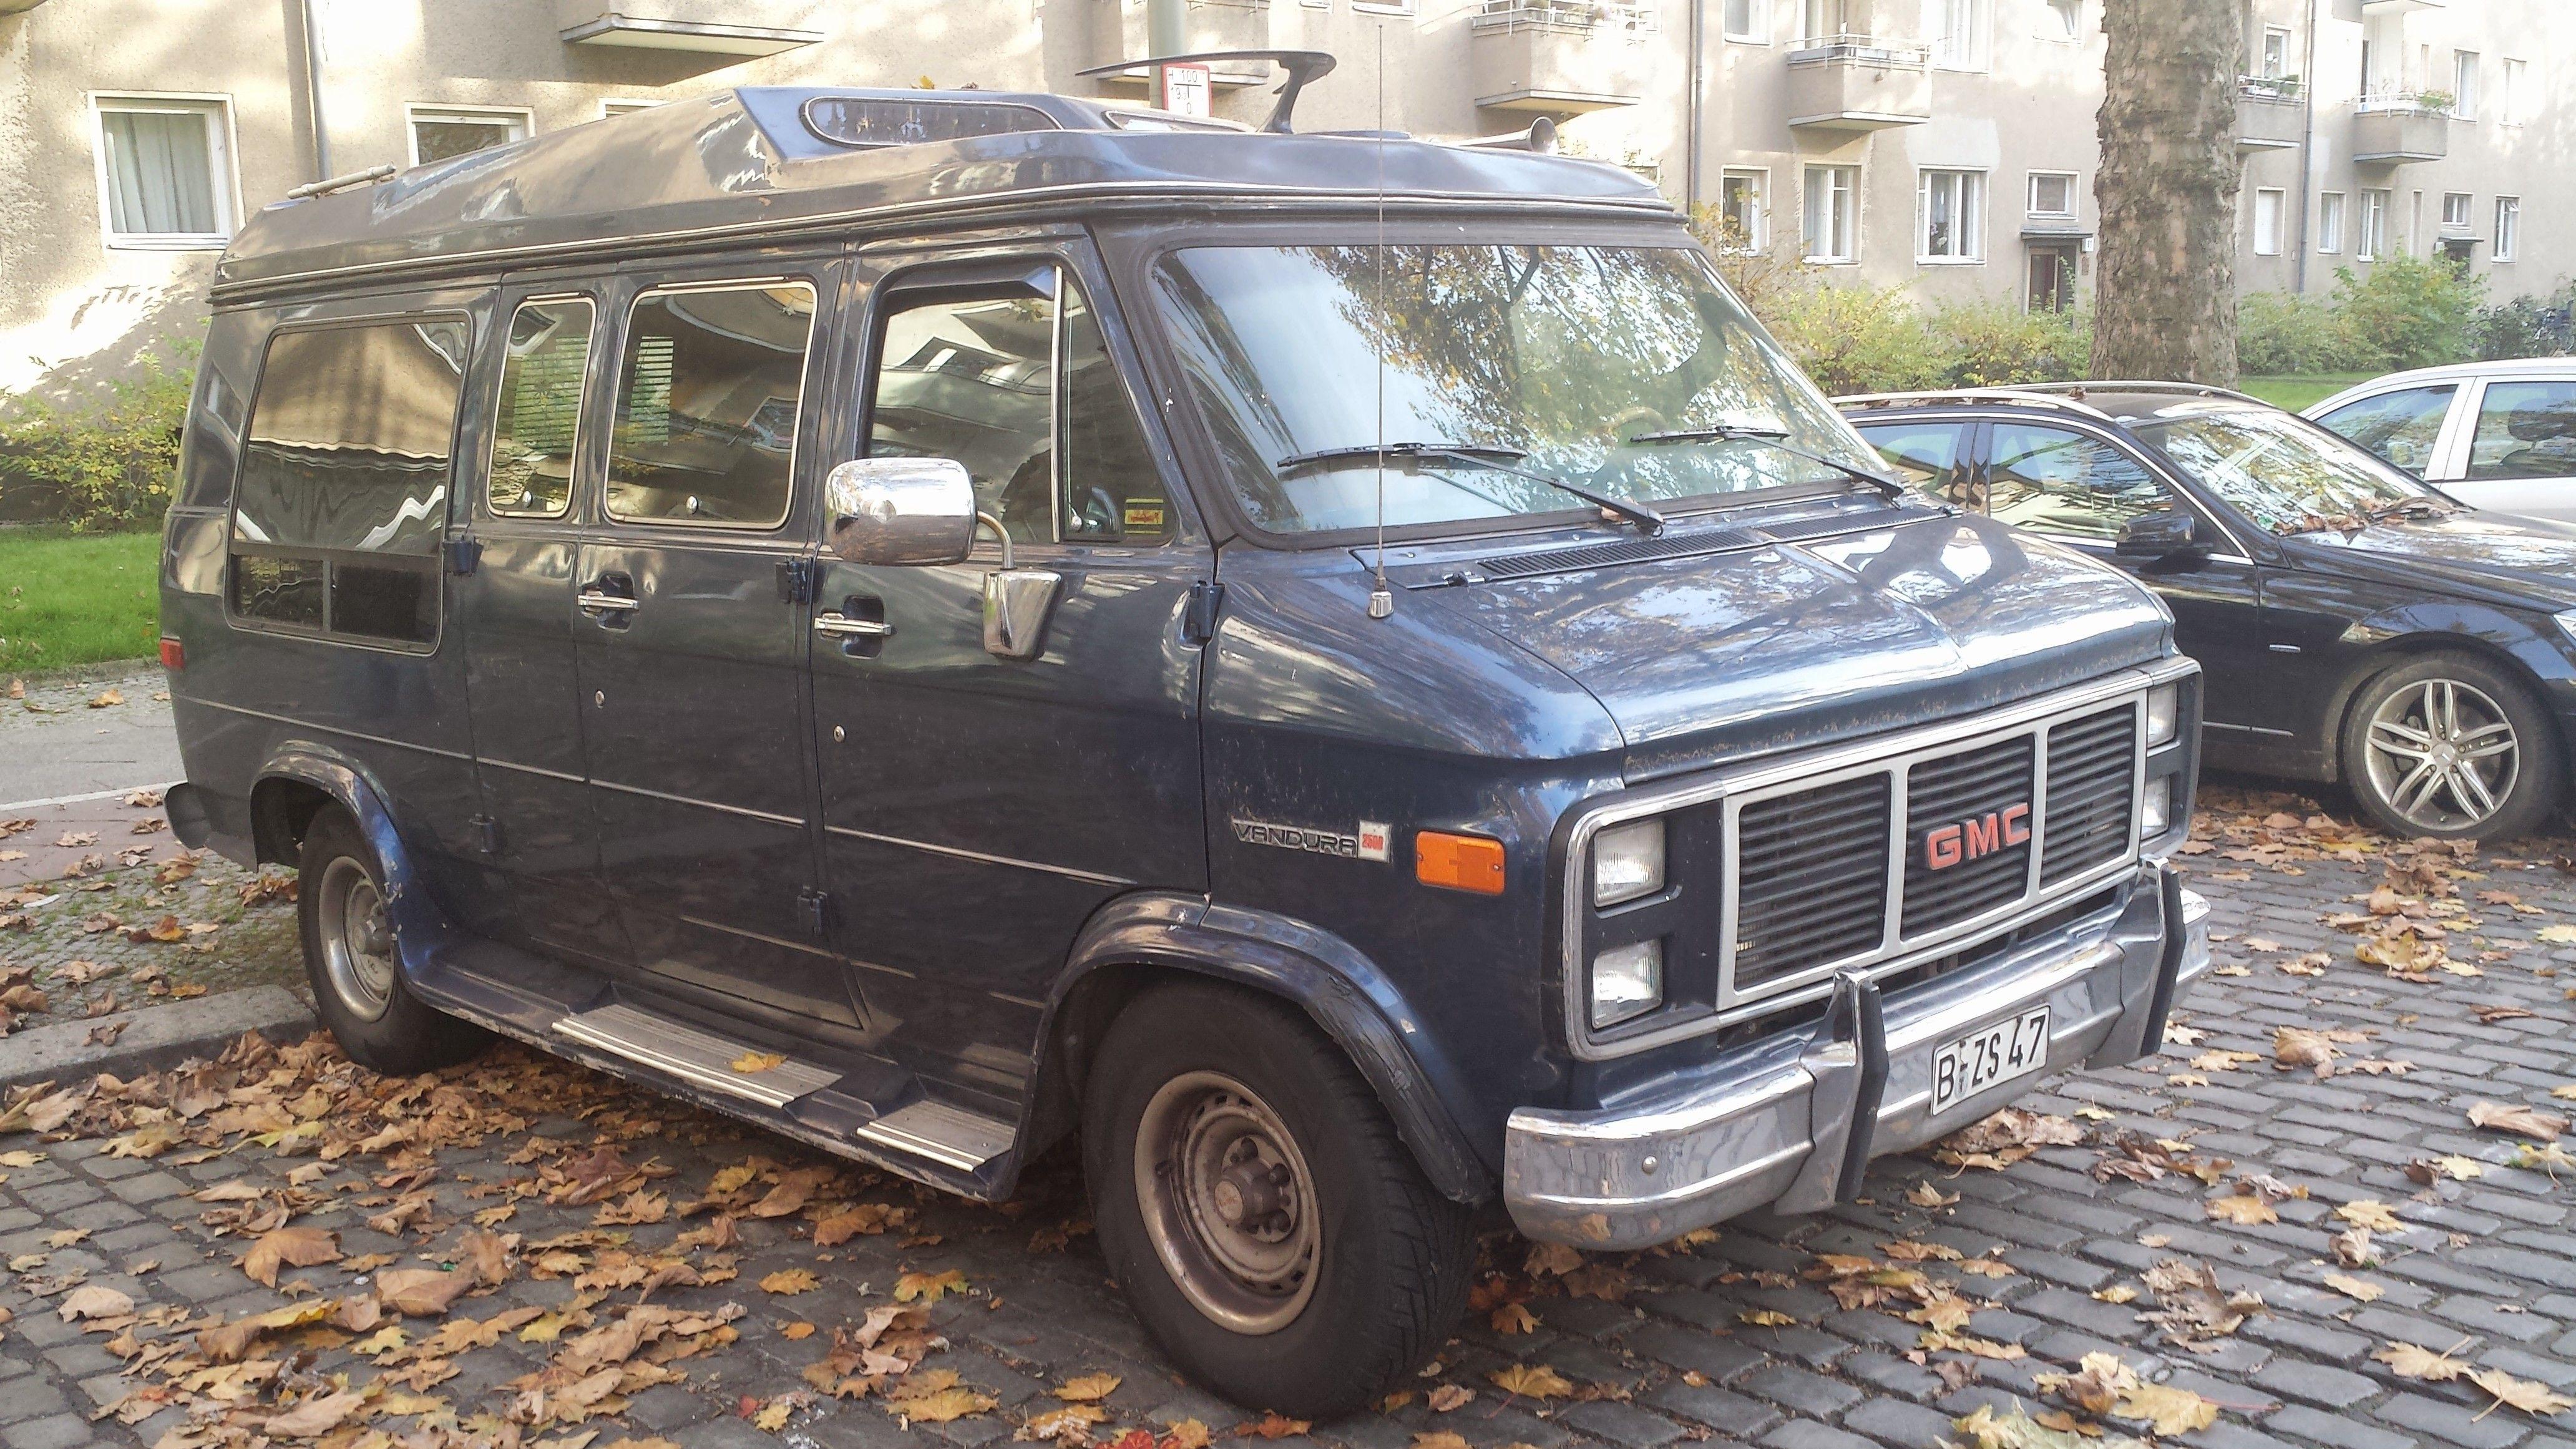 1985 Gmc Vandura G2500 Berlin Schoneberg Gmc Vans Chevy Van